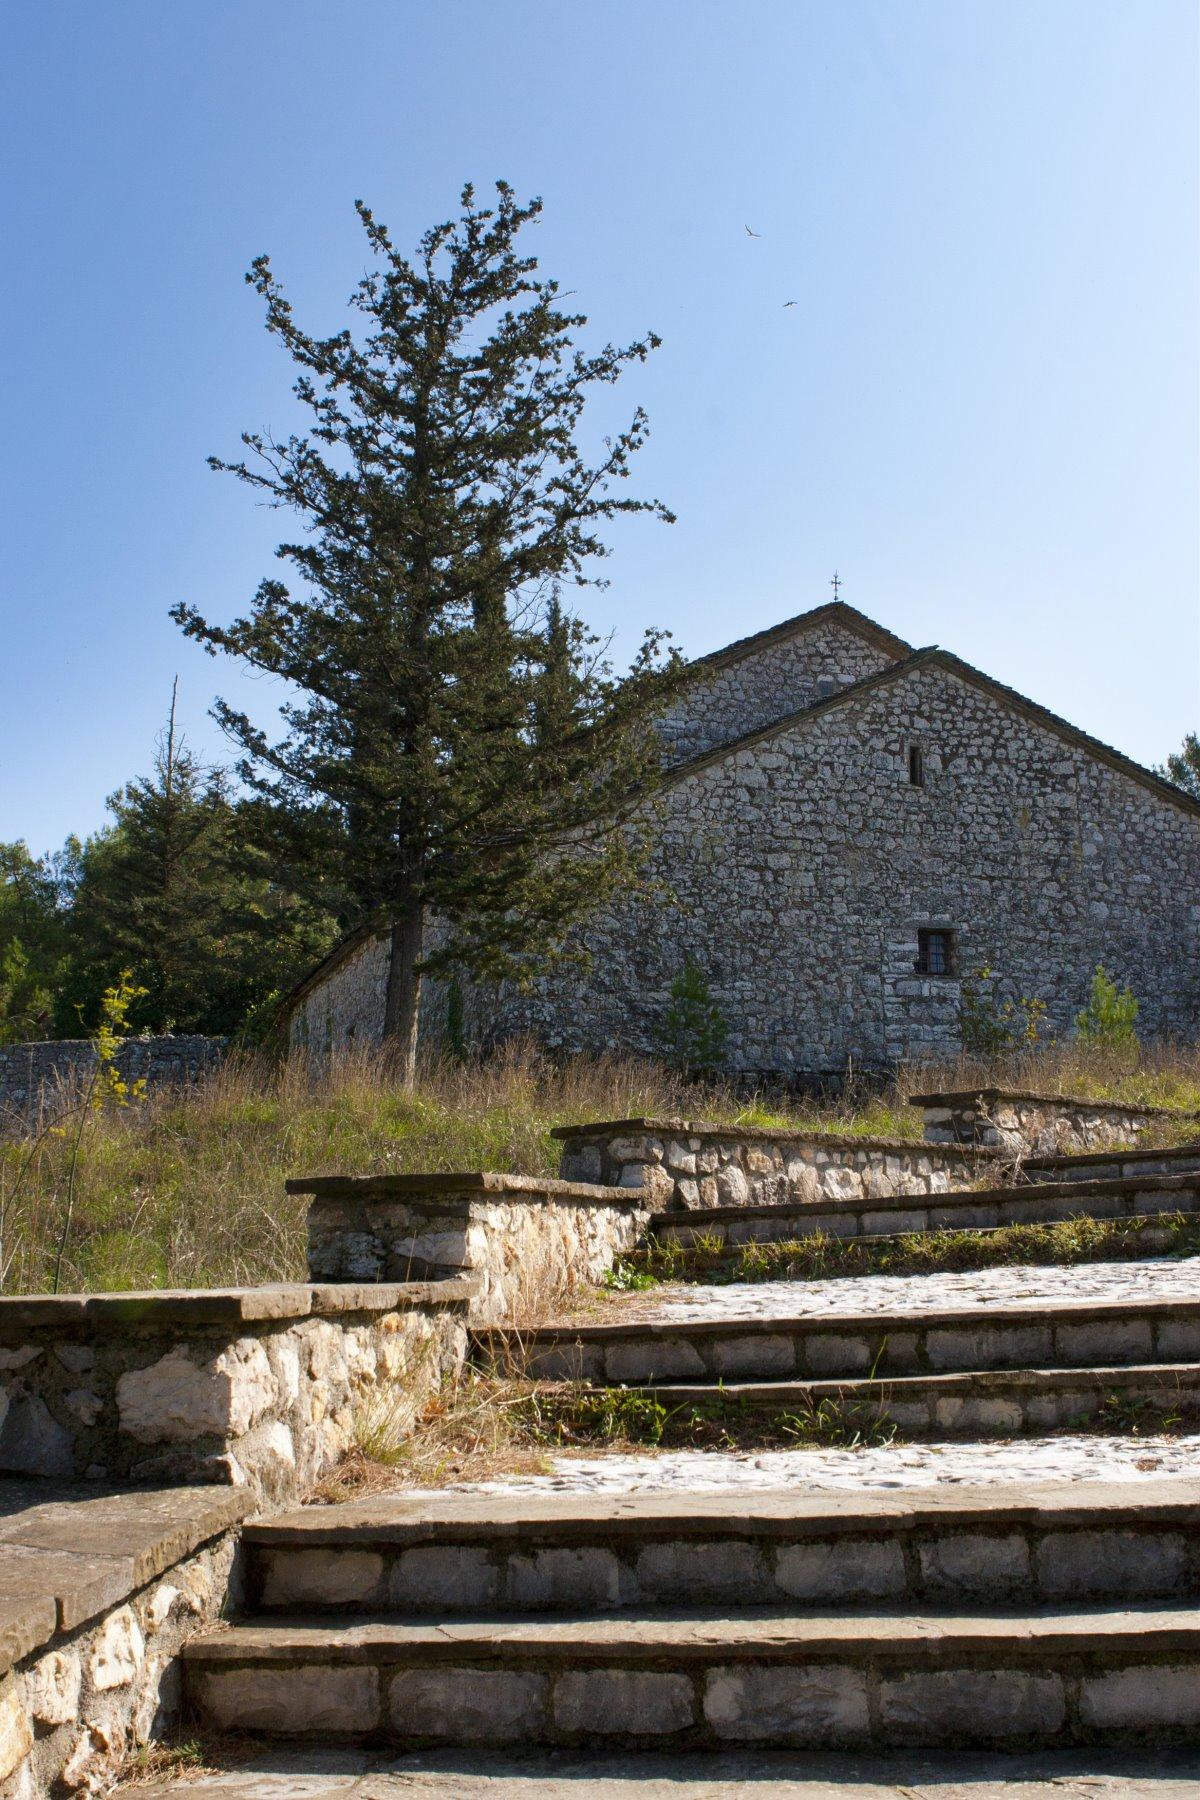 μοναστήρι νησάκι Ιωαννίνων πέτρινο εκκλησάκι